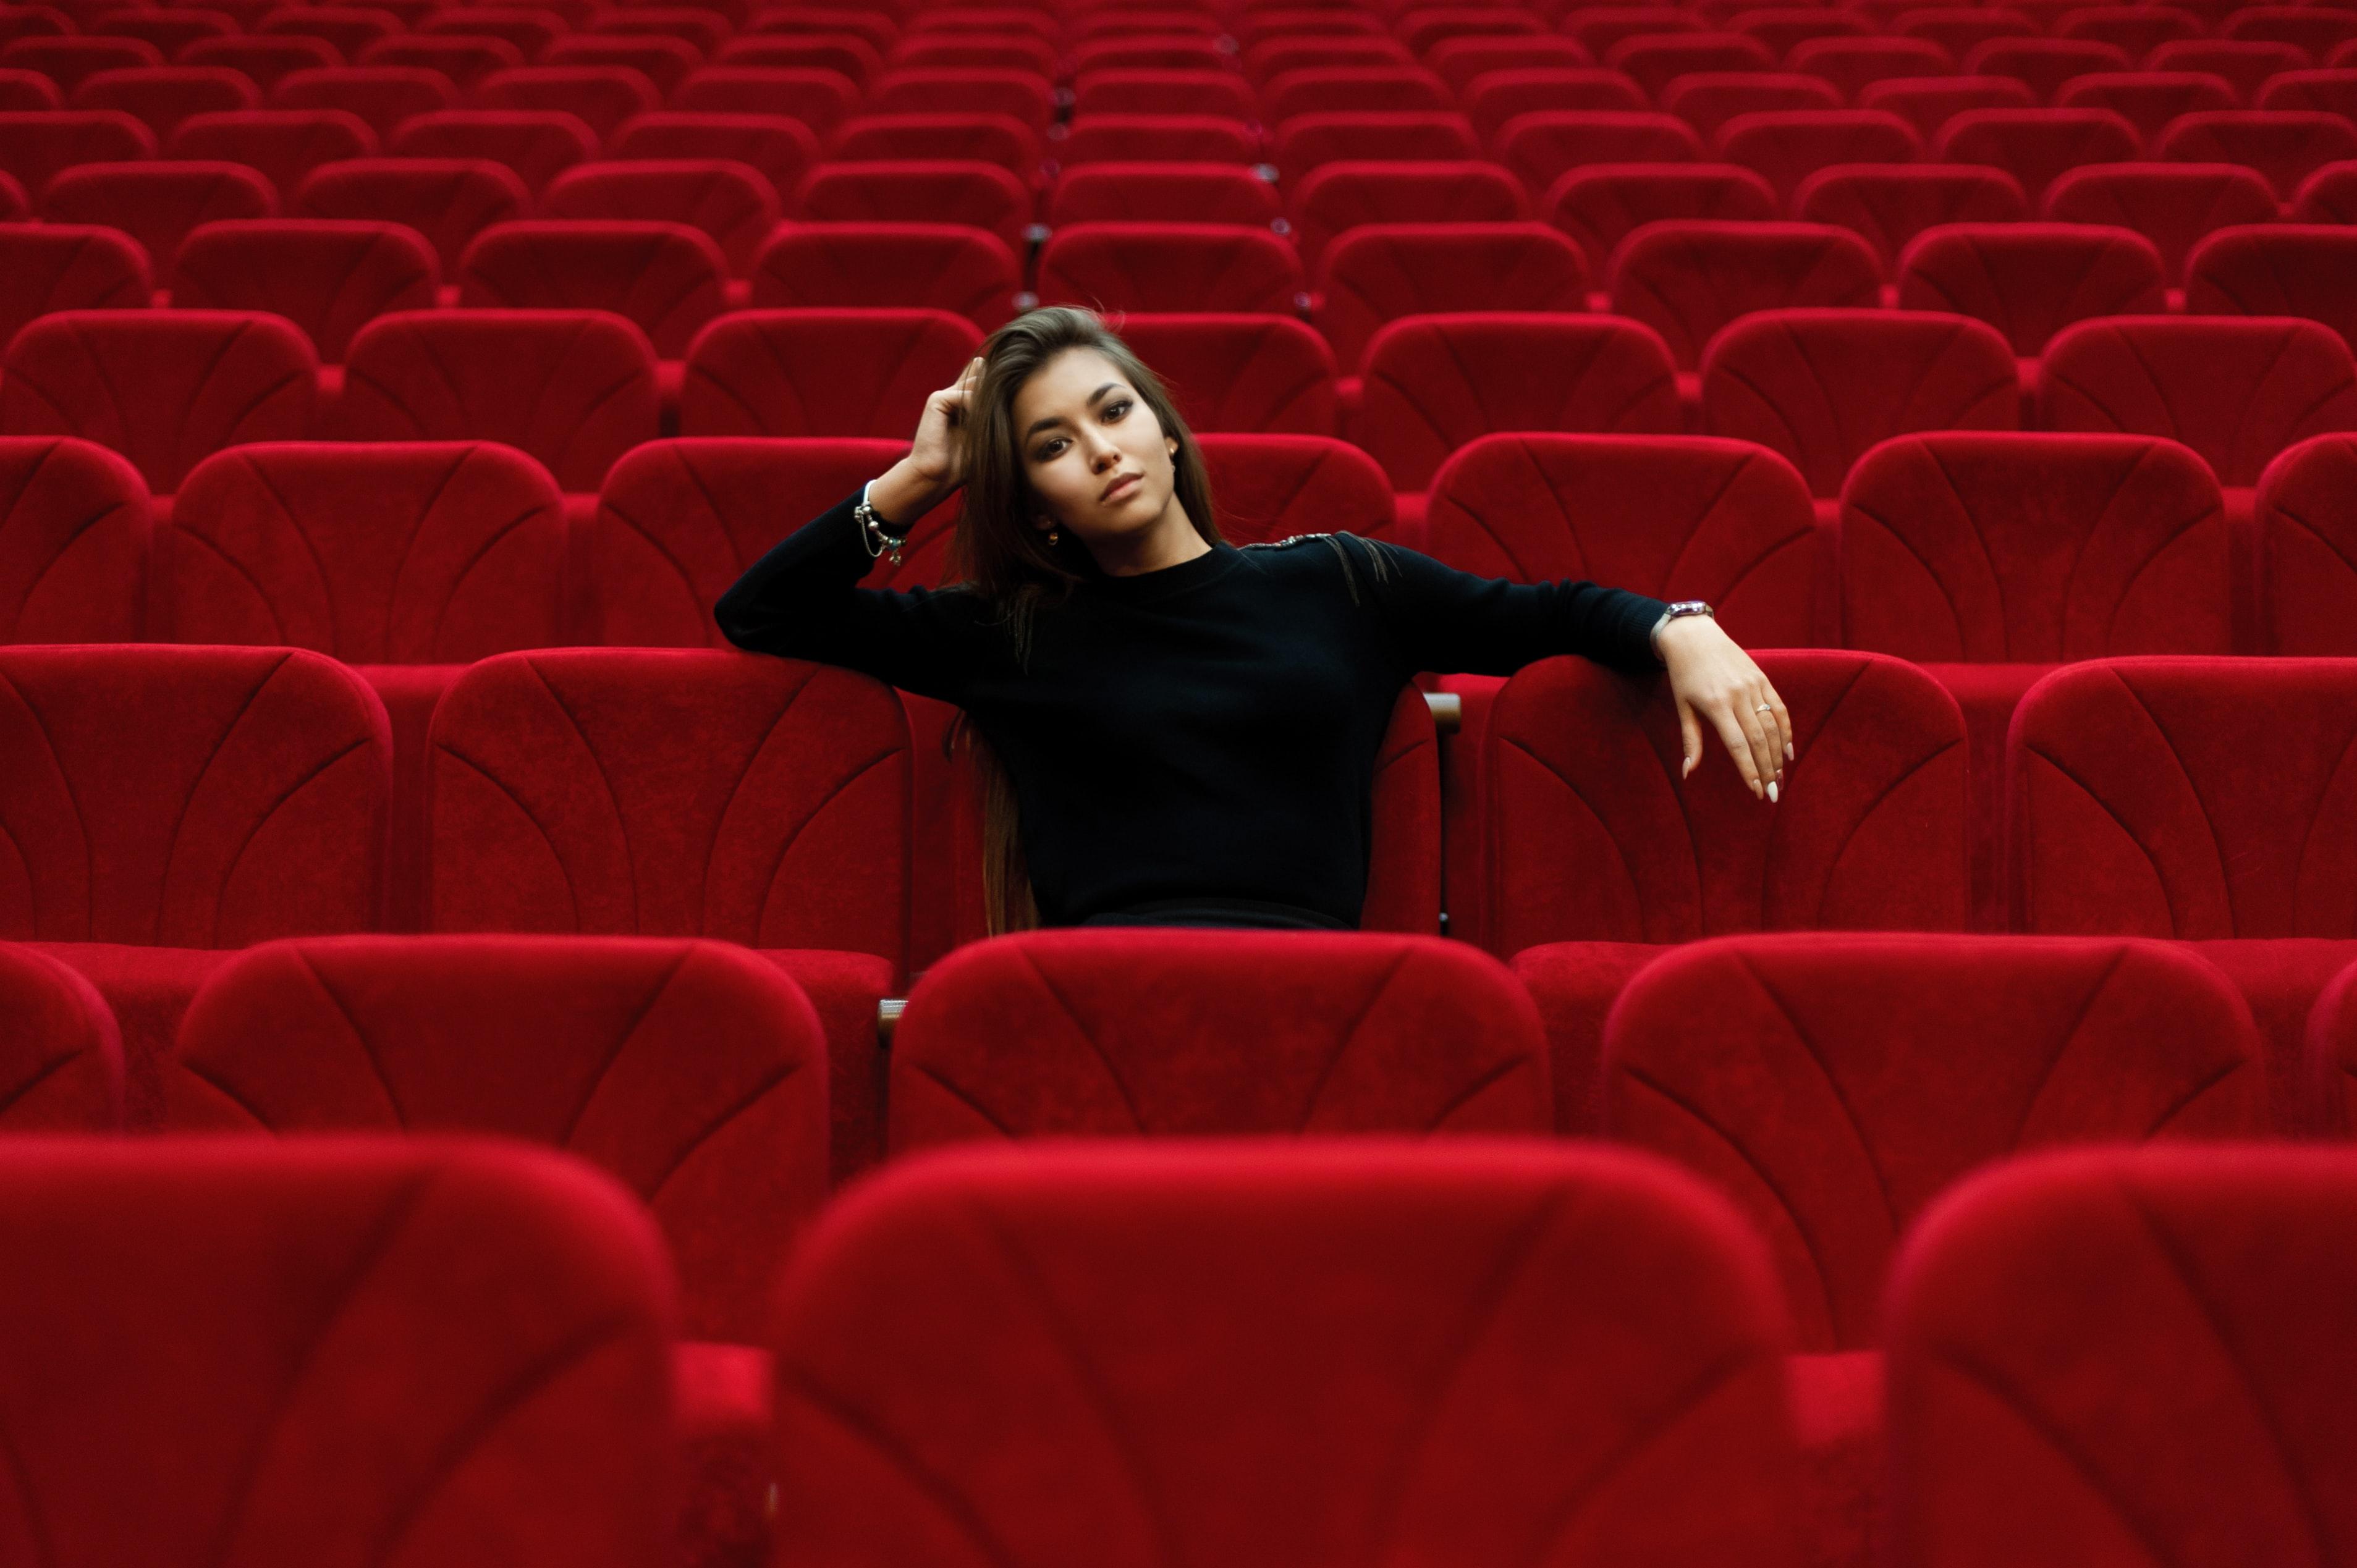 El Festival Internacional de Cine de Morelia lanza la iniciativa FICM Presenta en línea